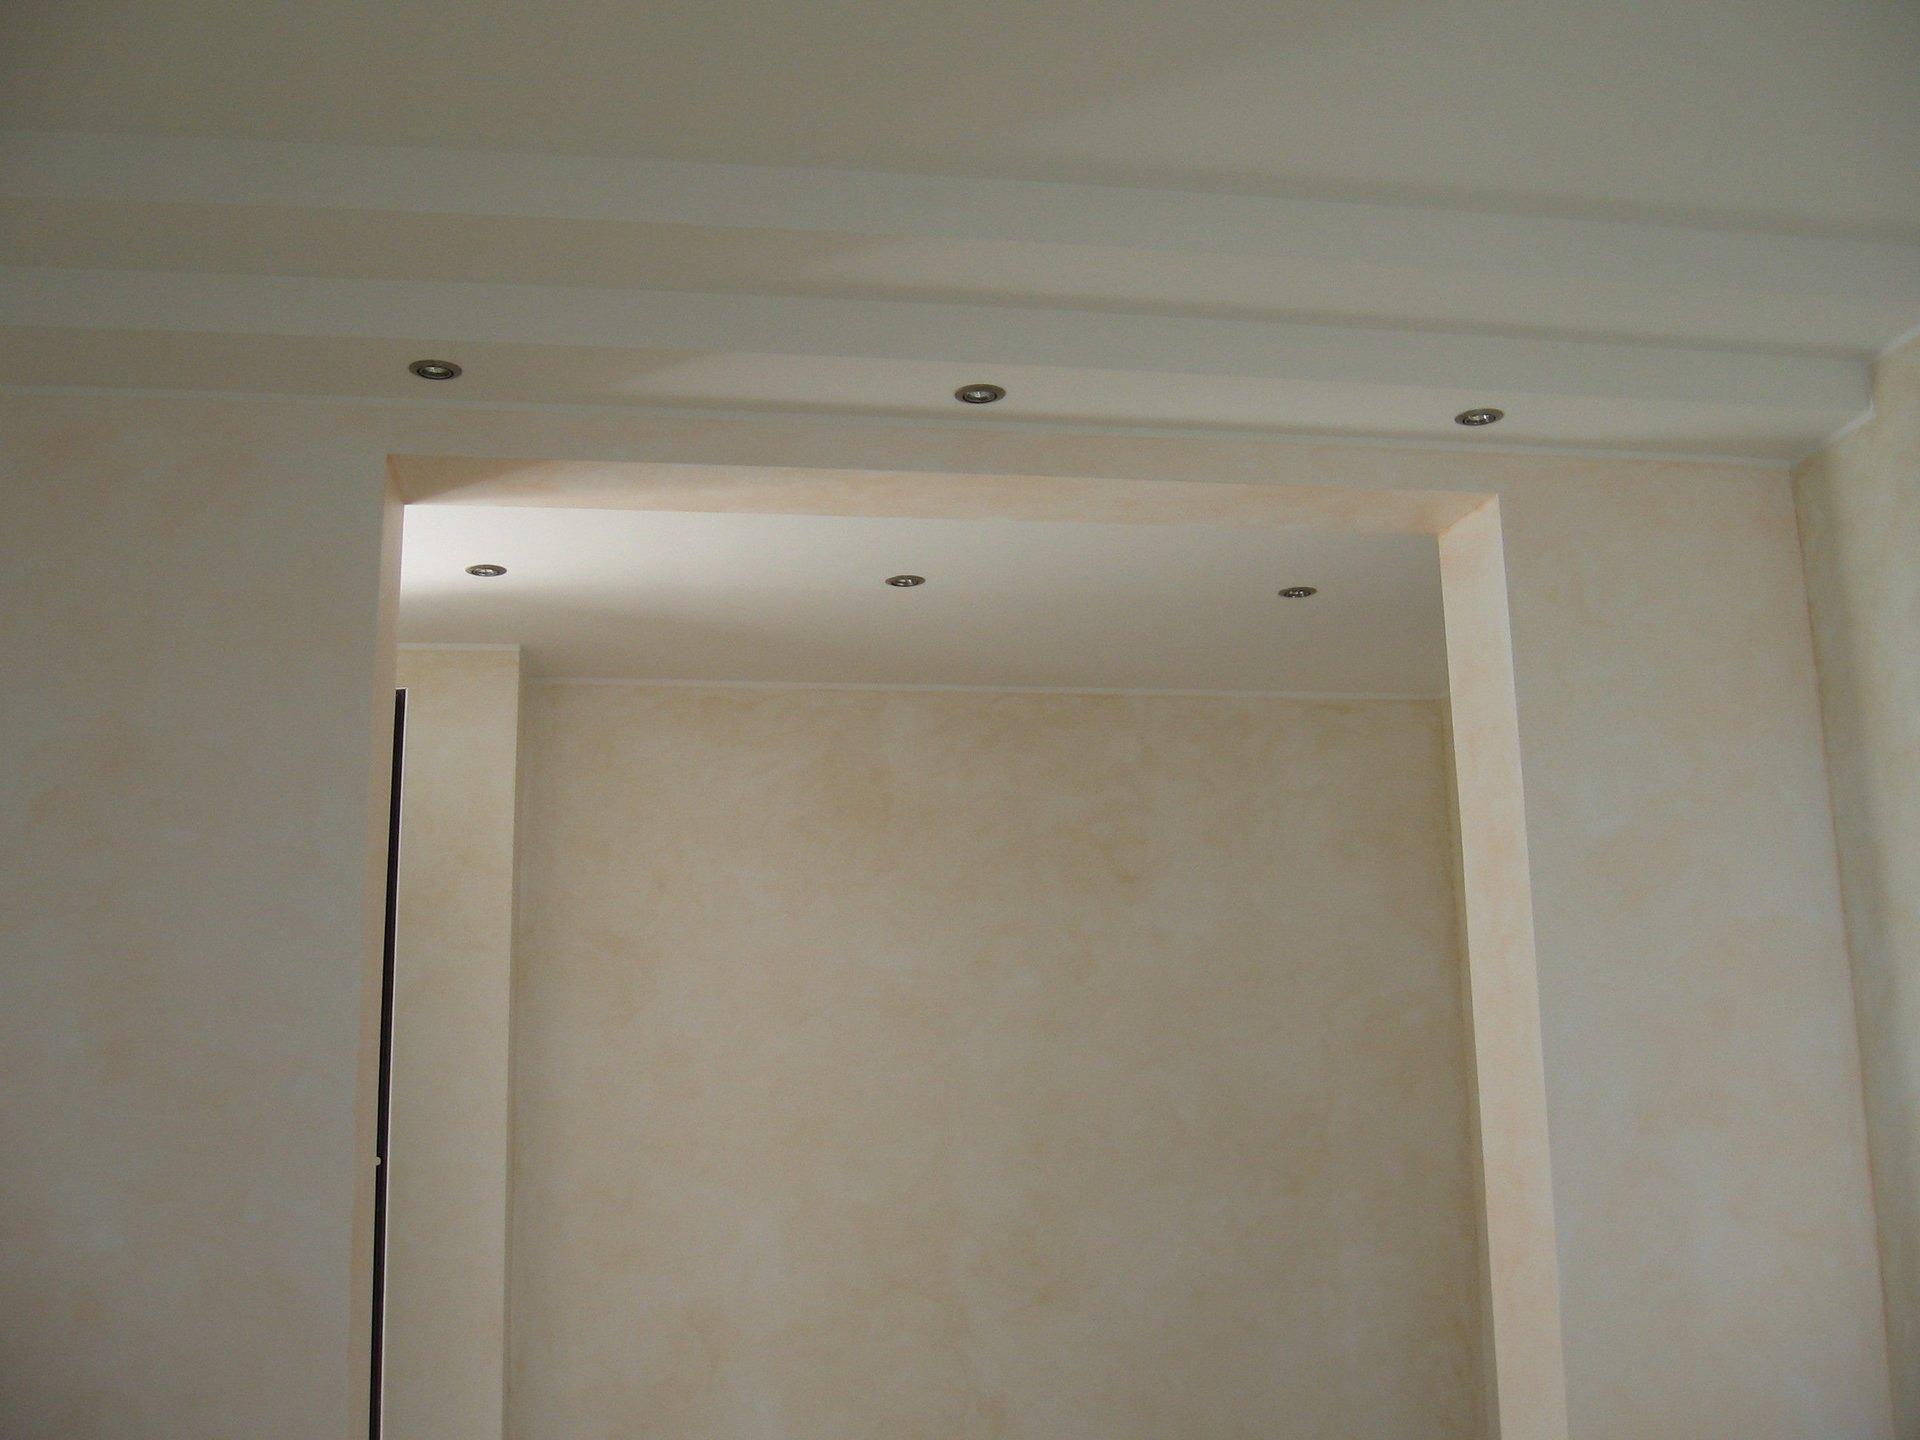 Stanza dipinta di bianco con installazione di luci alogene nel tetto